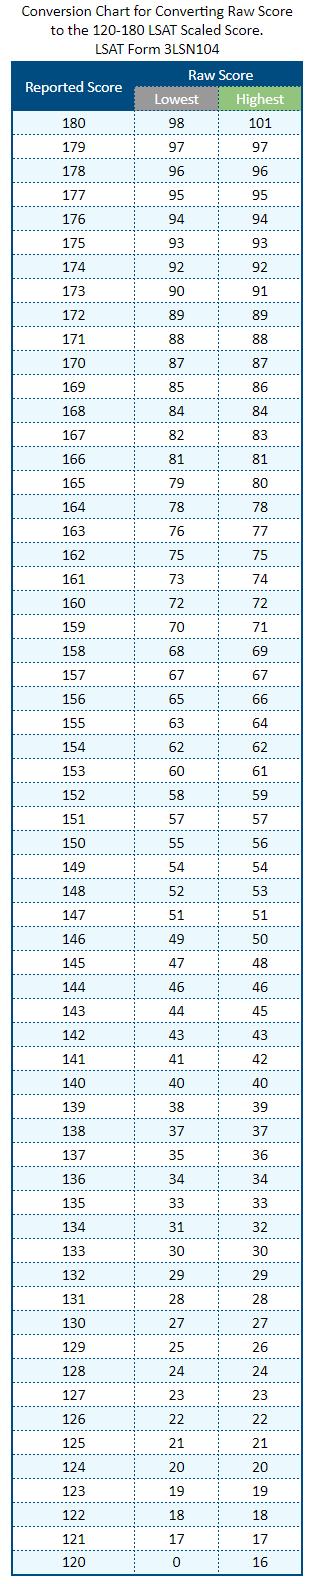 LSAT Scoring Scale Conversion Chart